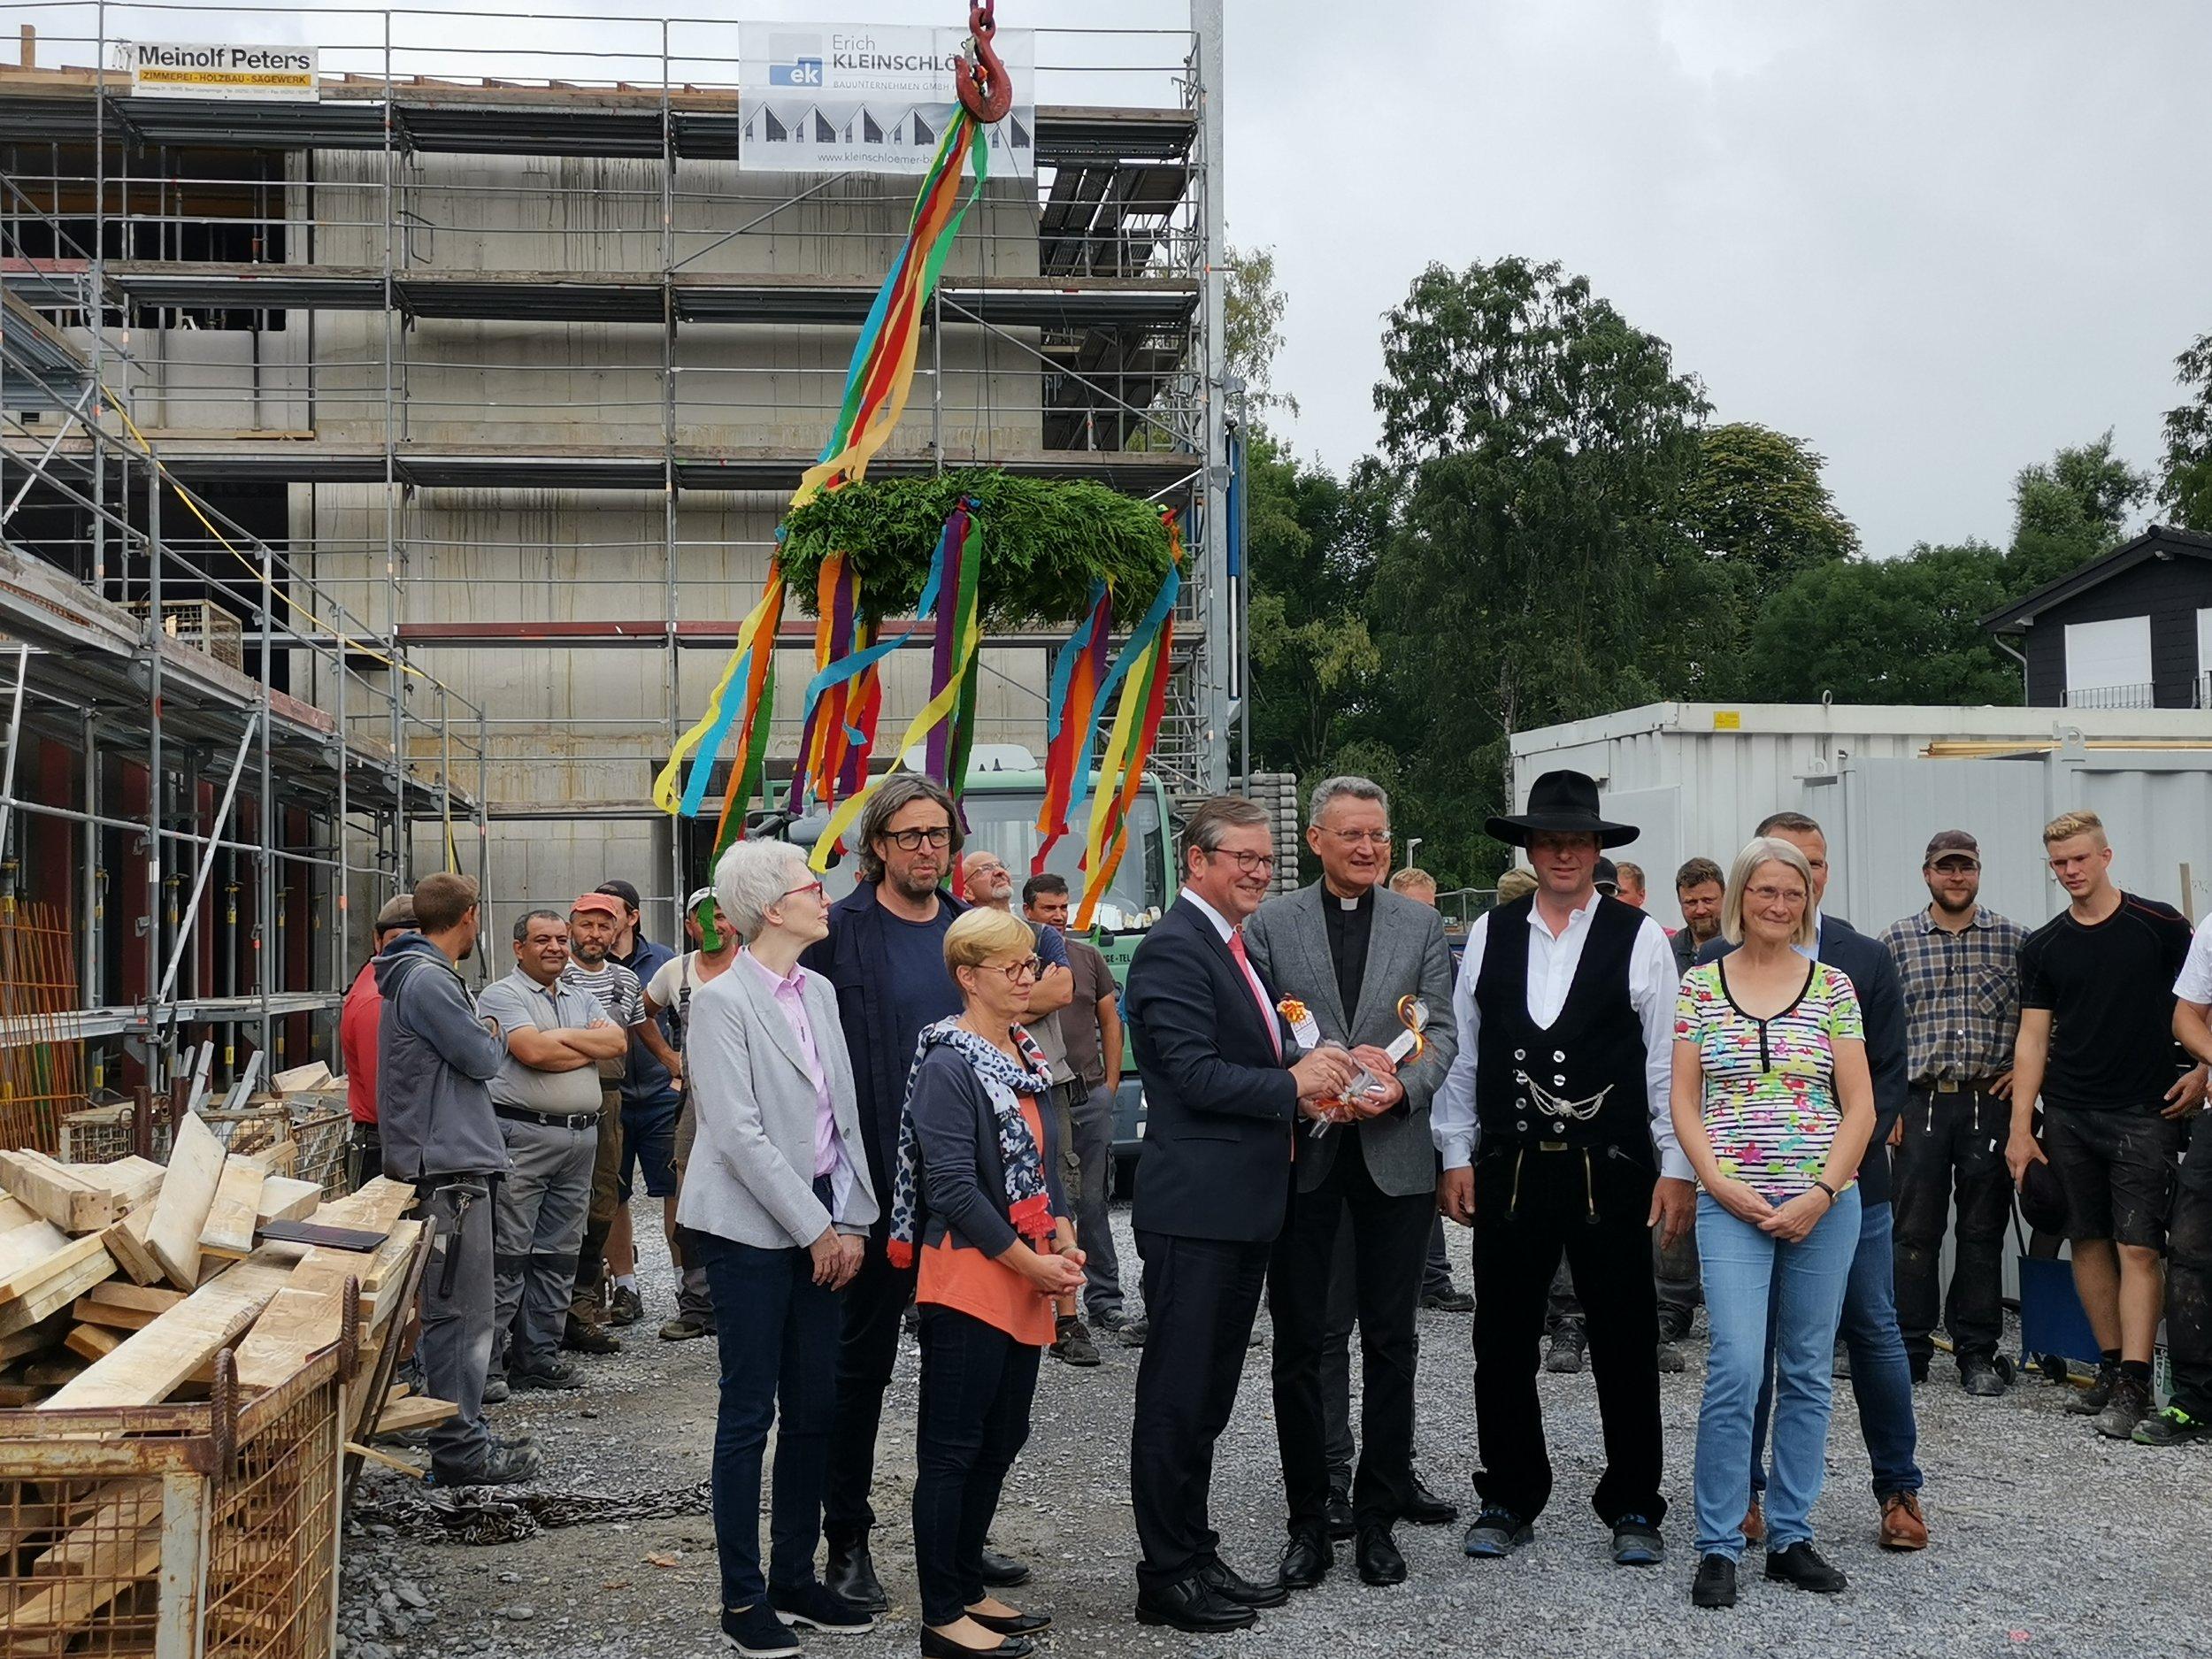 Richtfest - Wir feiern das Richtfest der Grundschule und Sporthalle St. Michaelschulen in PaderbornJuli 2019